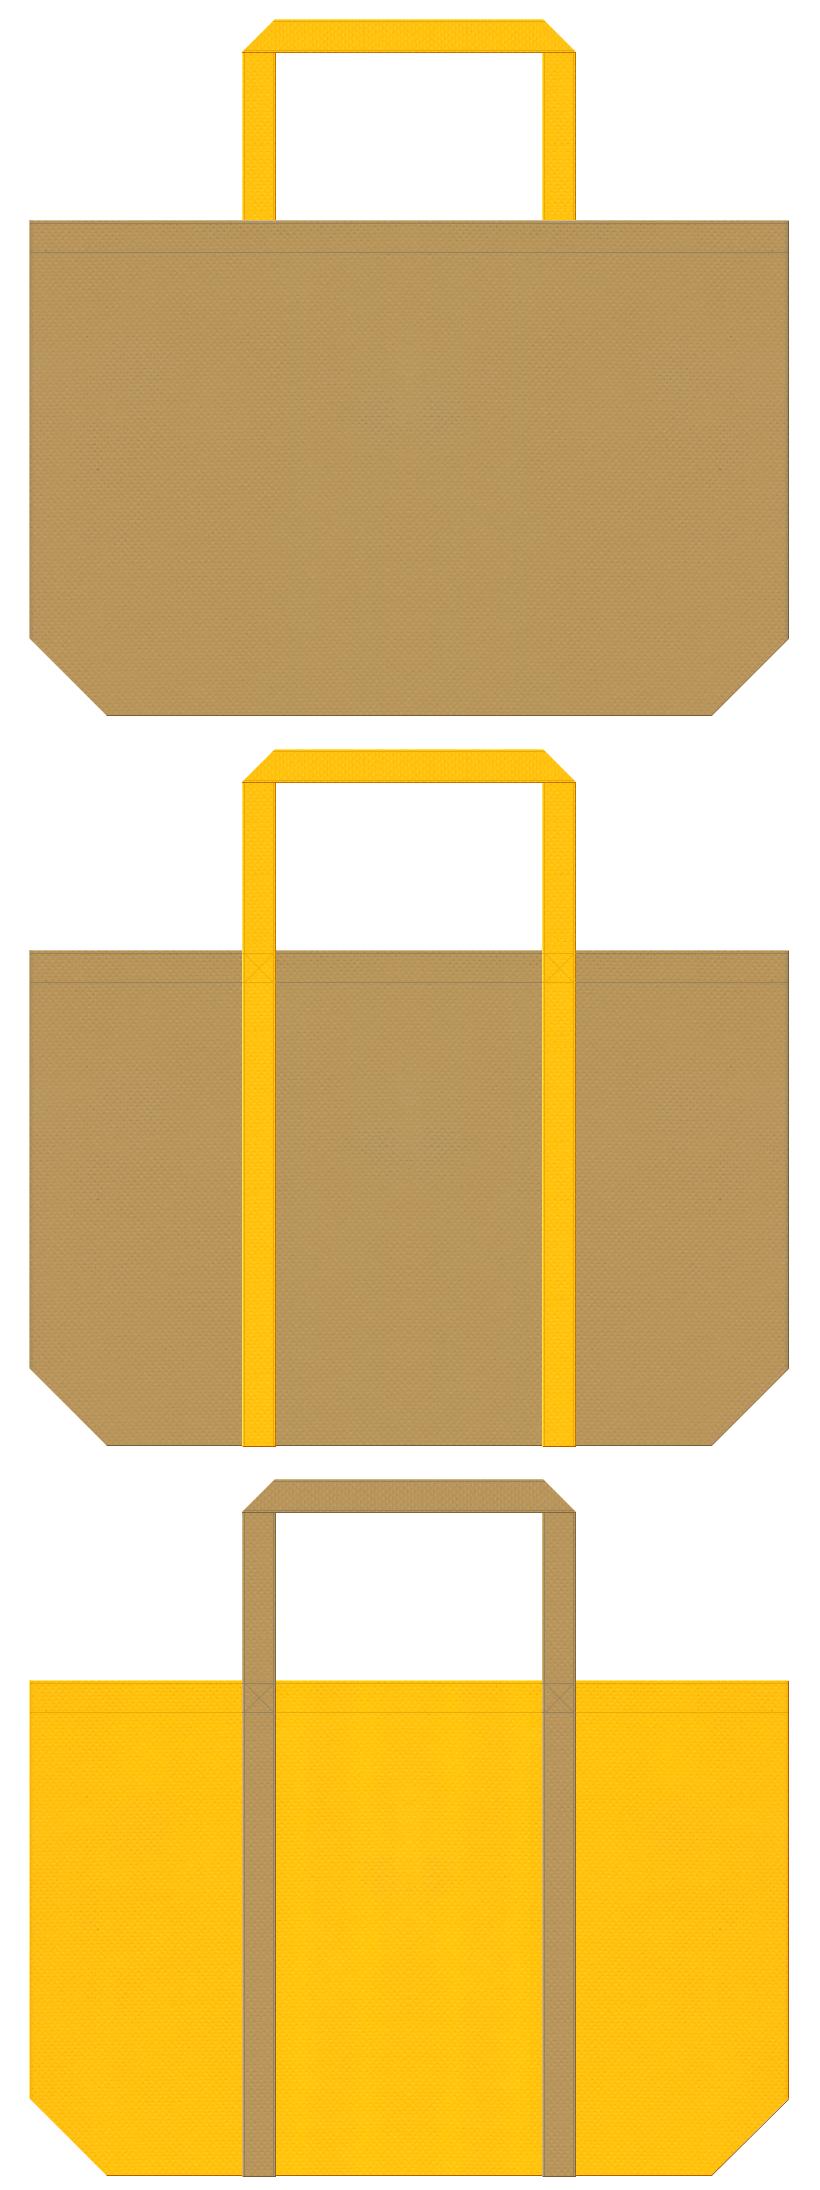 はちみつ・マスタード・カレーパン・マロンケーキ・ベーカリー・安全用品・工具・DIY・ゲーム・黄金・ピラミッド・キッズイベント・テーマパークにお奨めの不織布バッグデザイン:マスタード色と黄色のコーデ